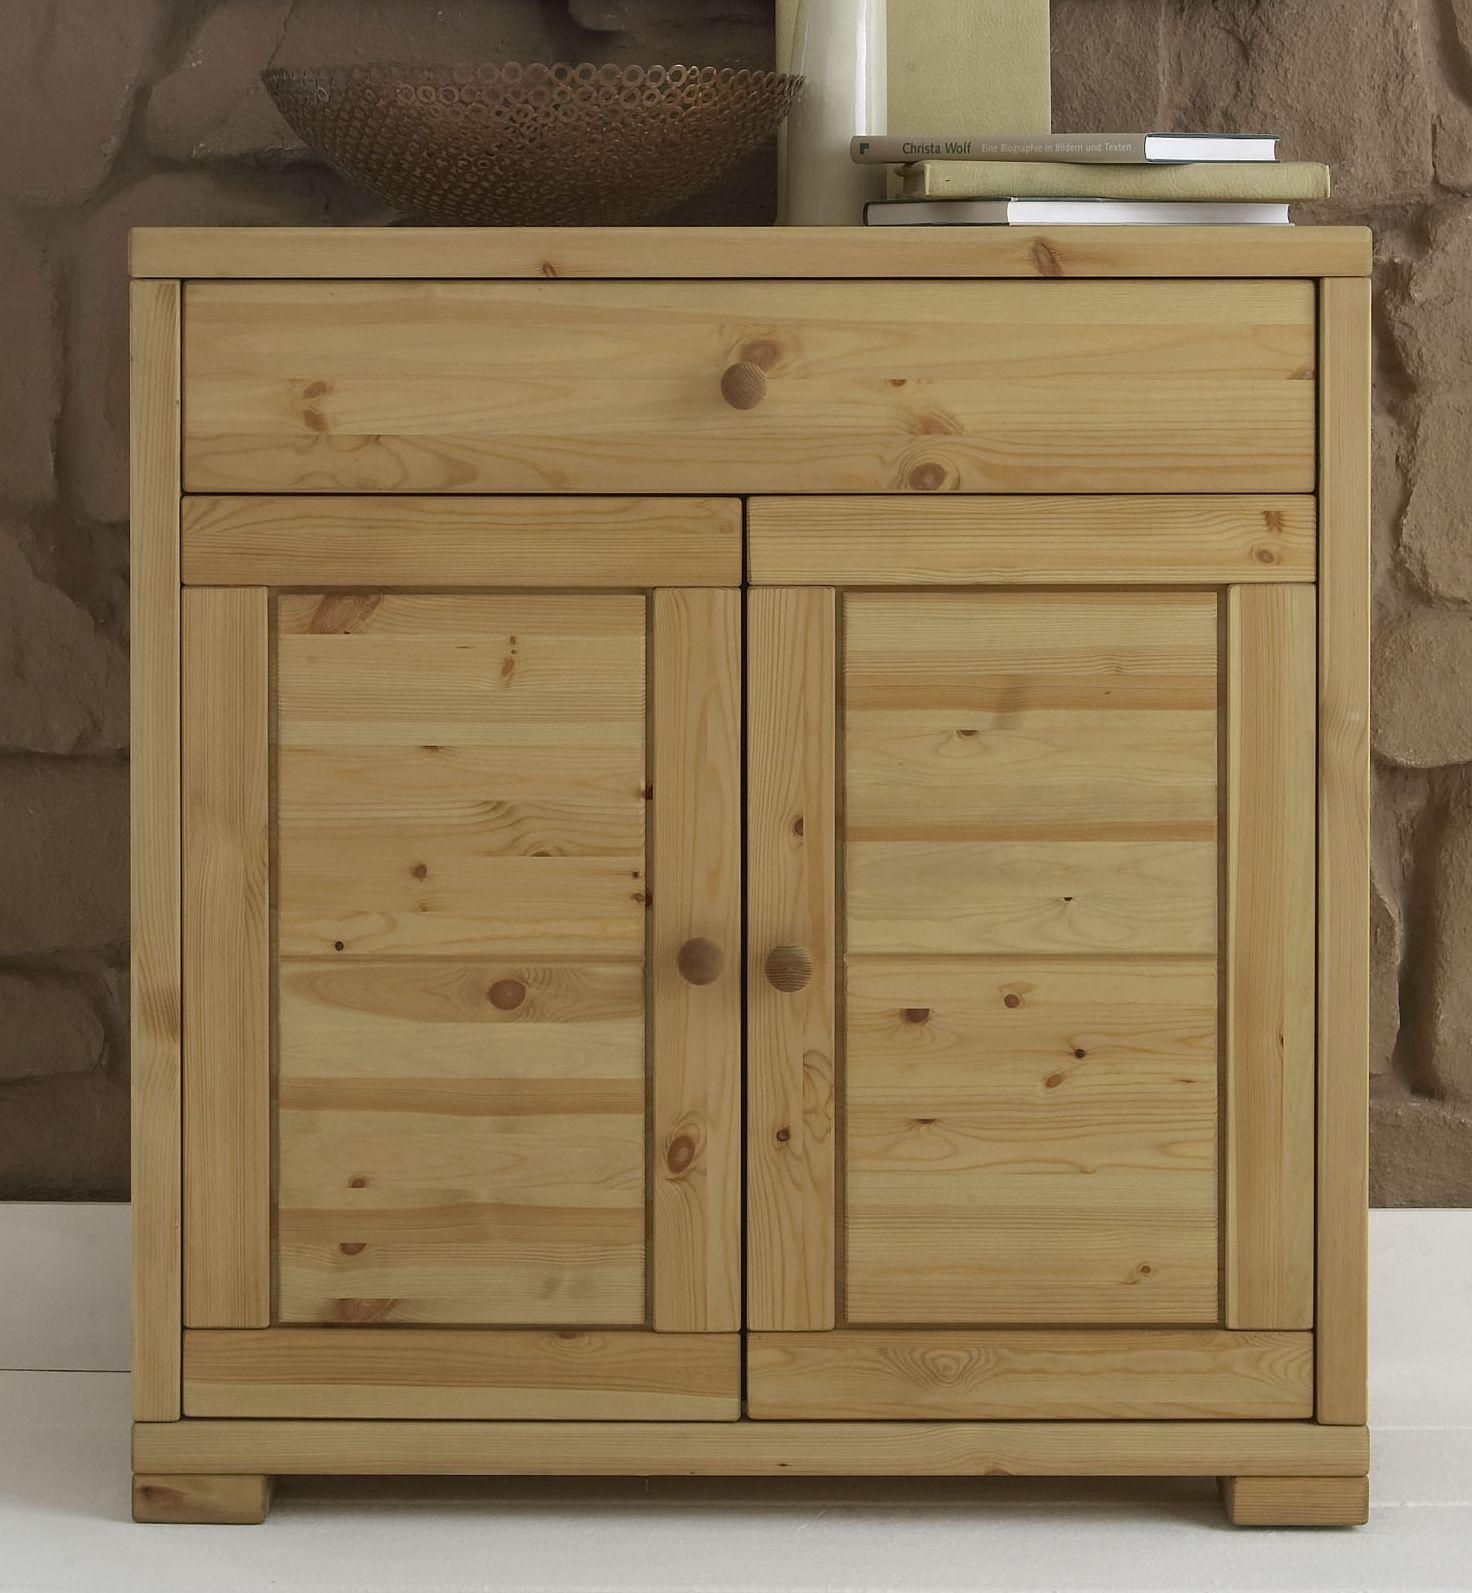 flurkommode anrichte kiefer massiv gelaugt ge lt 2 t rig rauna. Black Bedroom Furniture Sets. Home Design Ideas